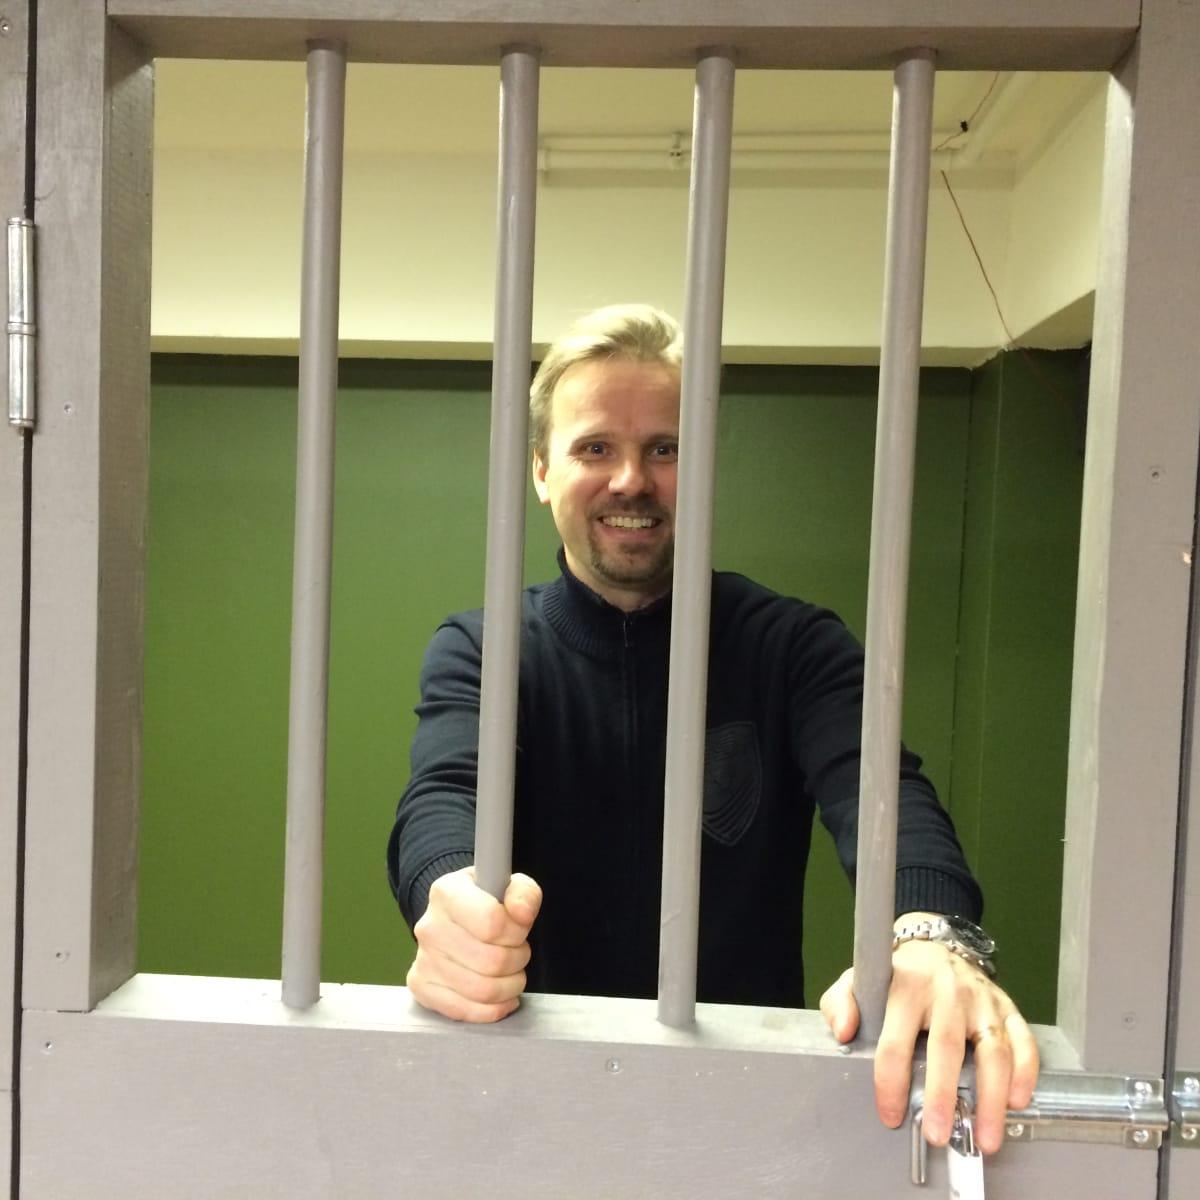 Yrittäjä Juha-Mikael Malinen esittelee pelihuonettaan, johon kuuluu osana vankiselli.